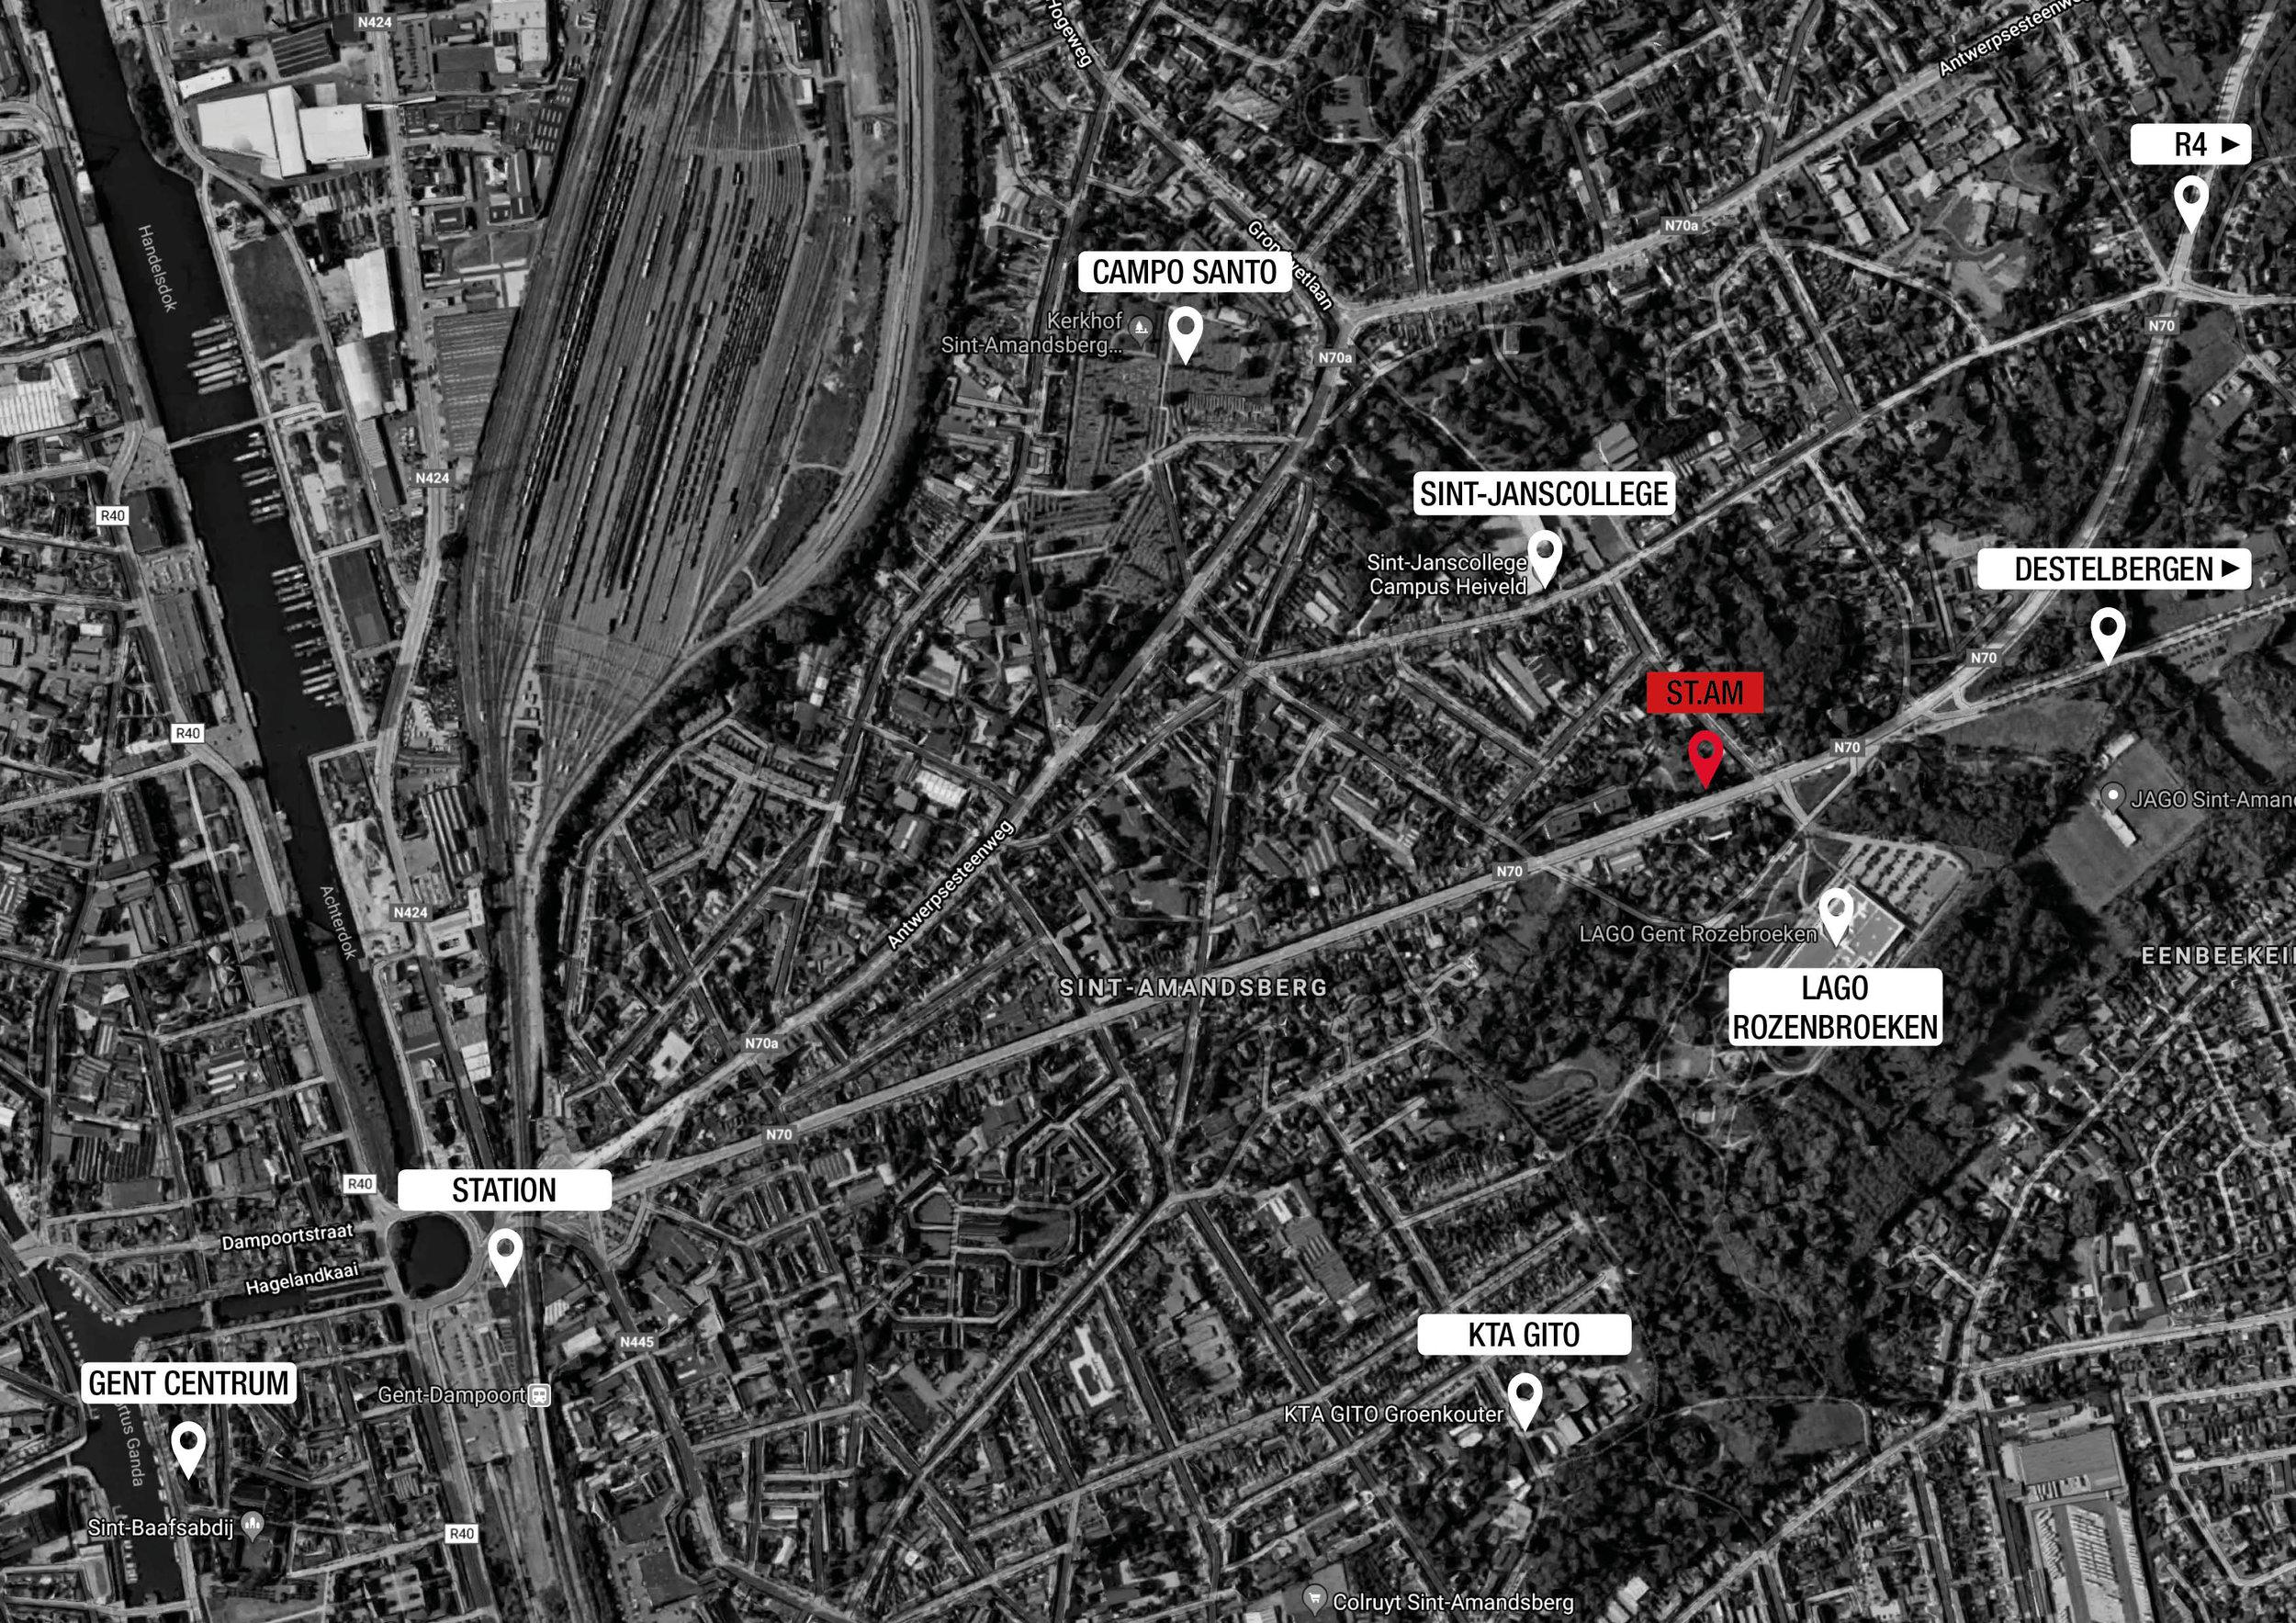 omgeving_map.jpg